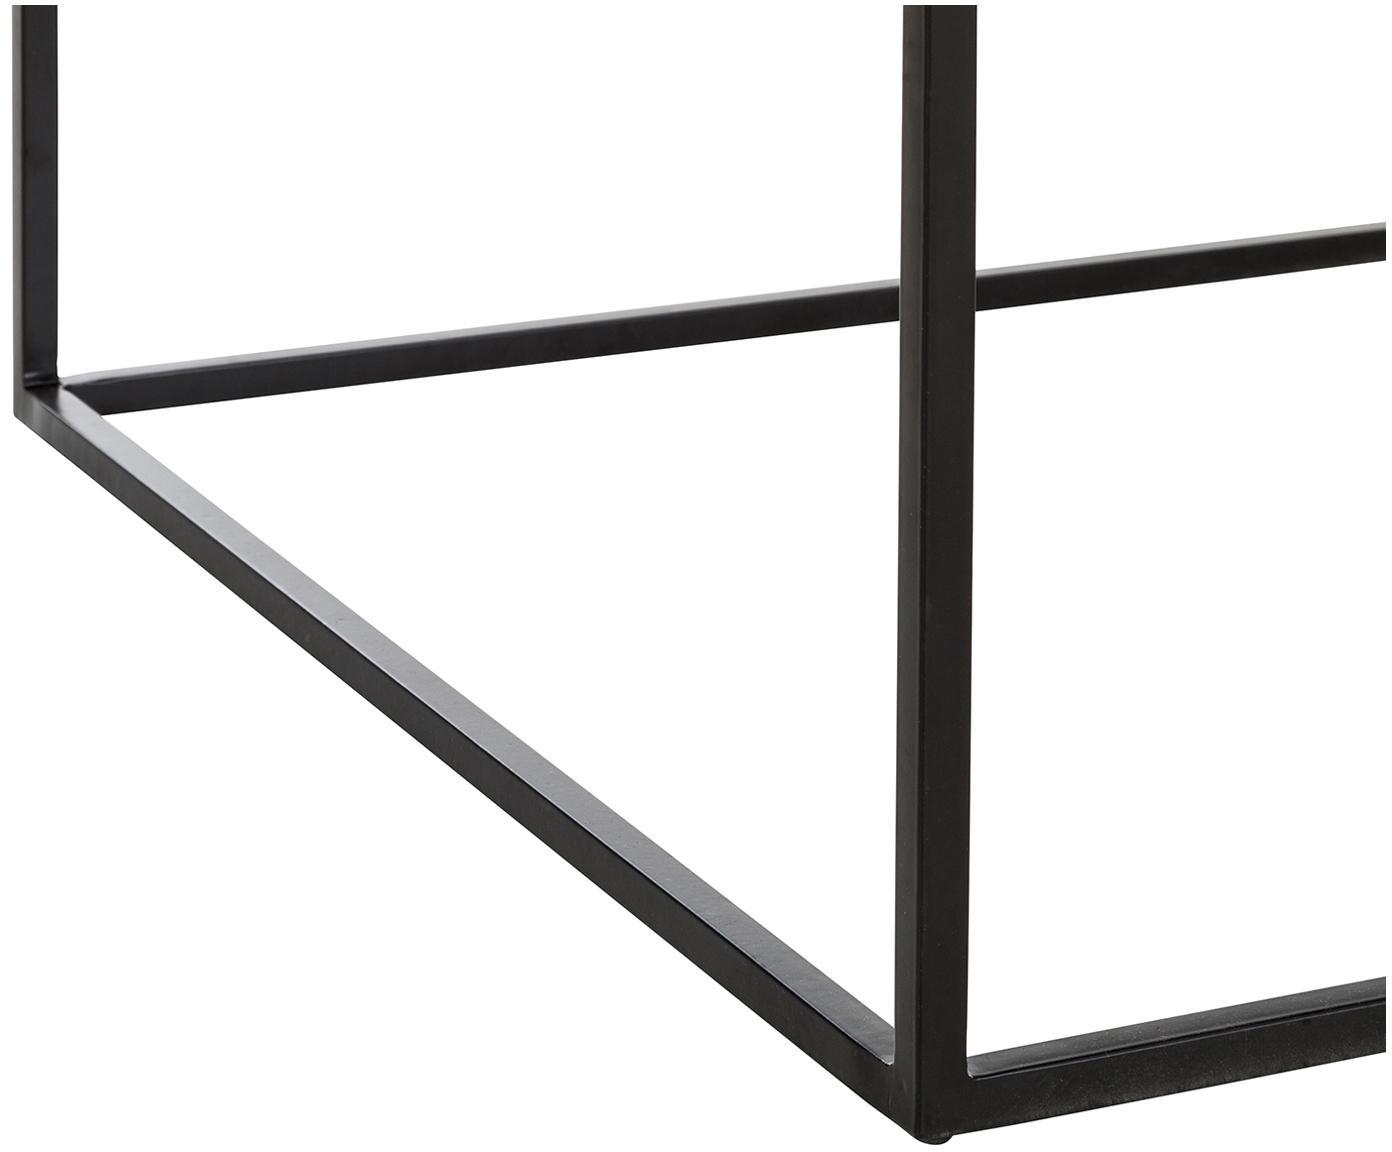 Stolik kawowy Amalia, Blat: metal emaliowany, Stelaż: metal malowany proszkowo, Szary, czarny, S 60 x G 60 cm